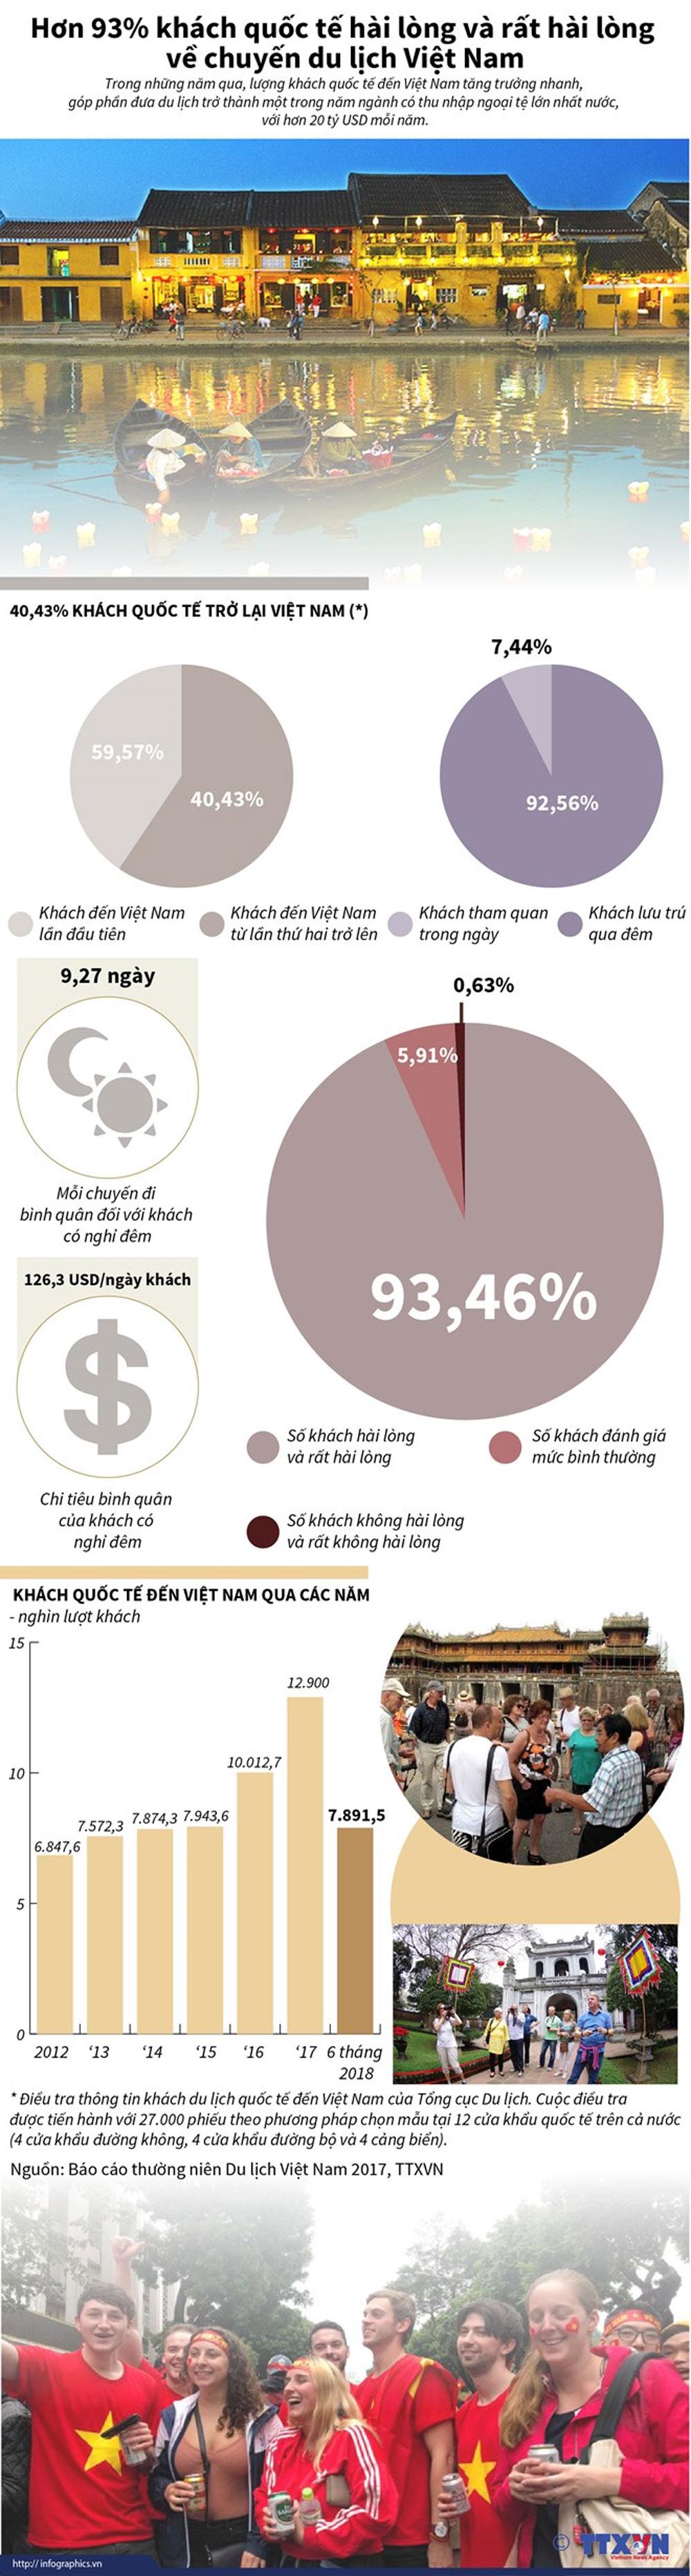 93% khách quốc tế, hài lòng, chuyến du lịch Việt Nam